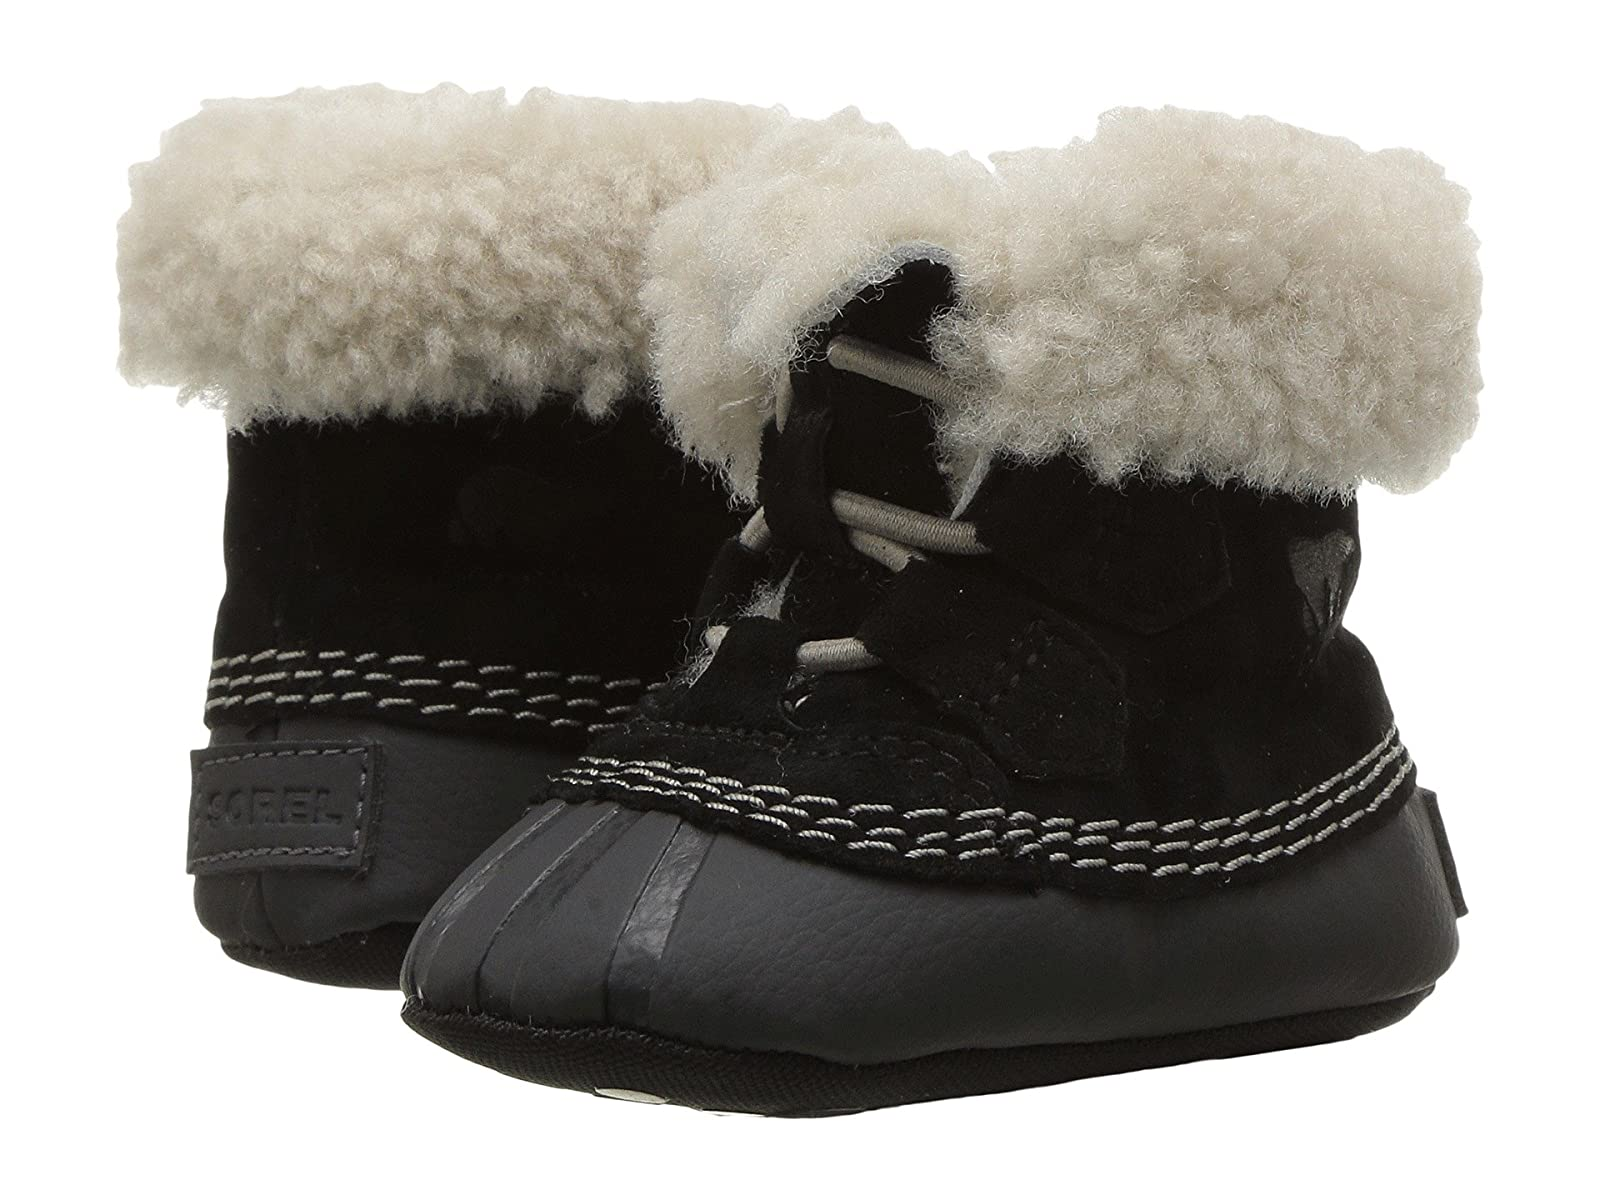 SOREL Kids Caribootie (Infant)Atmospheric grades have affordable shoes